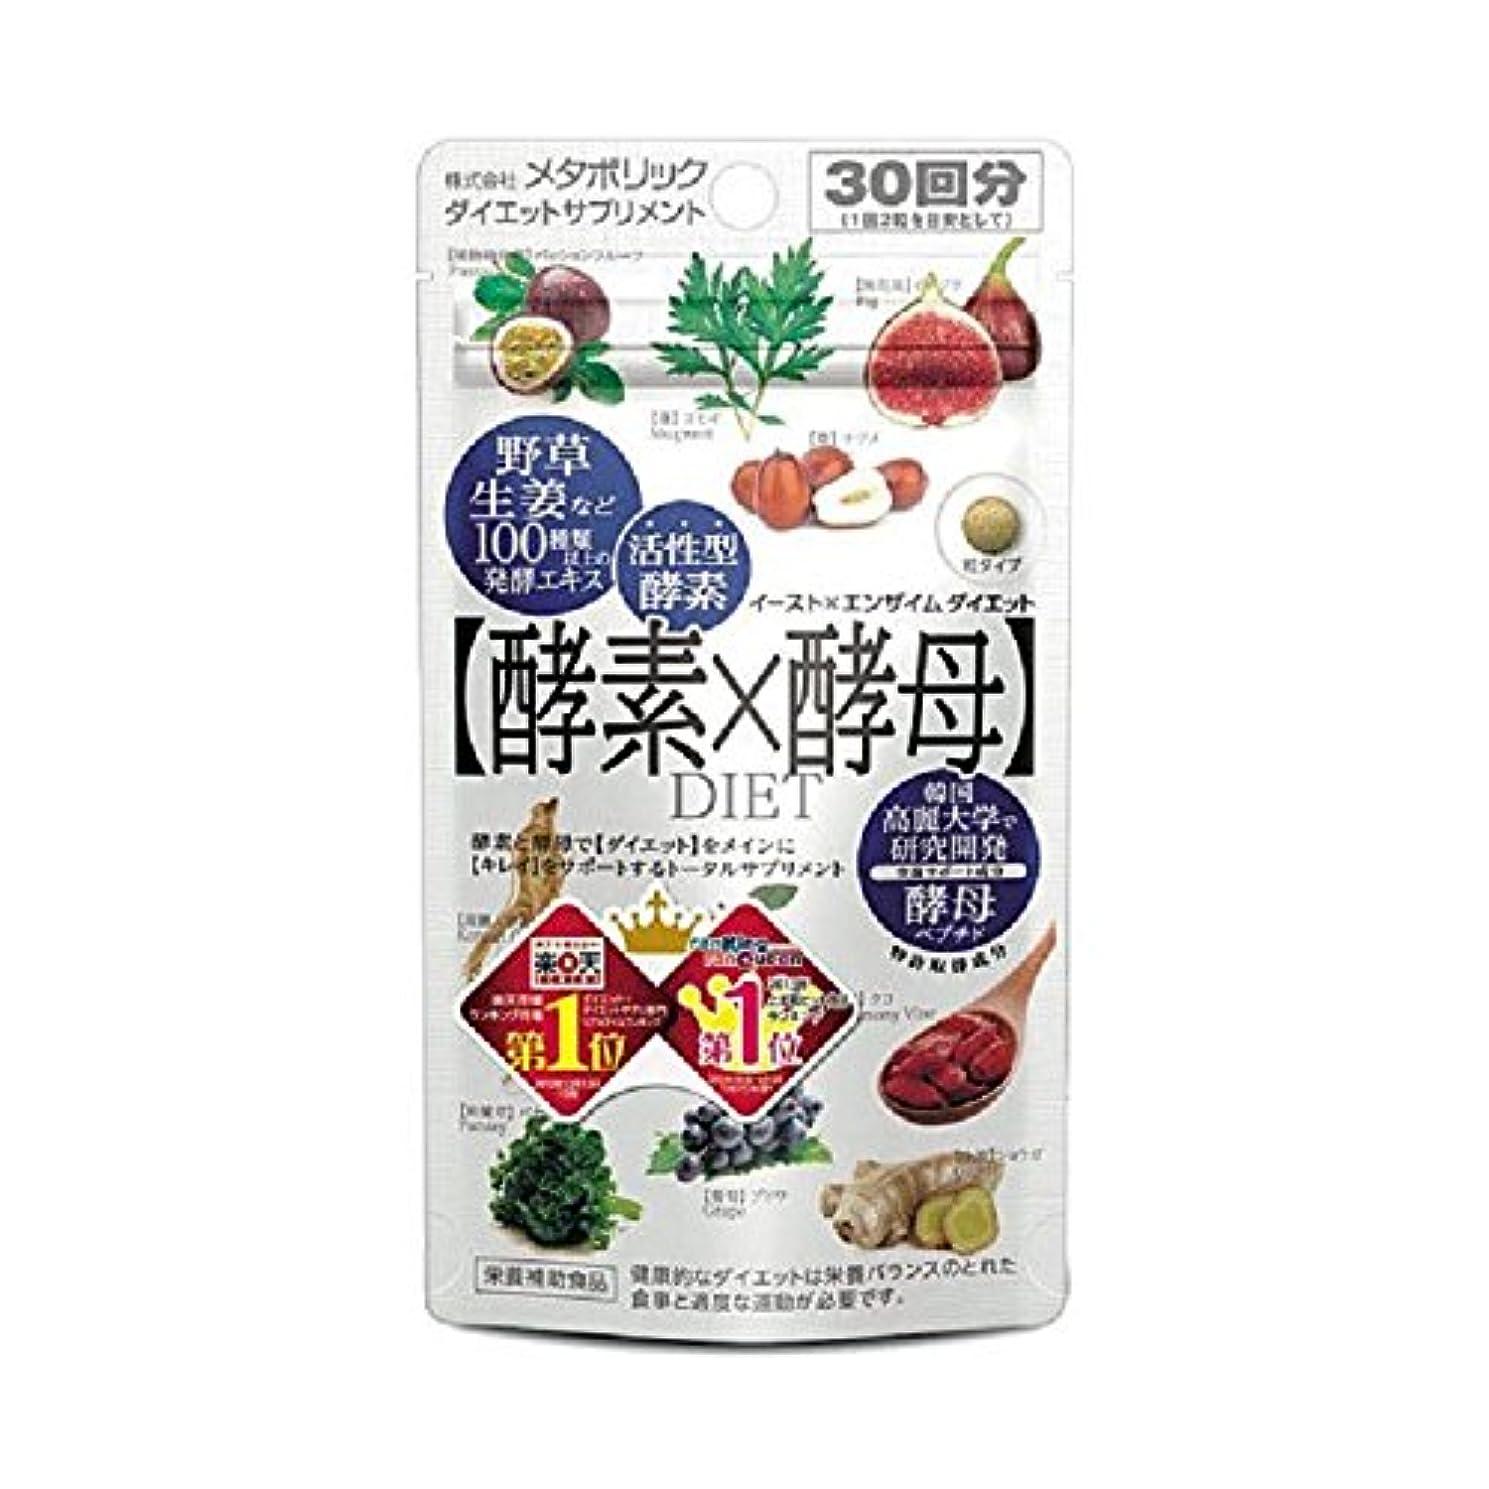 反対する食事を調理するエッセイ酵素×酵母 イースト×エンザイムダイエット 60粒×5個セット